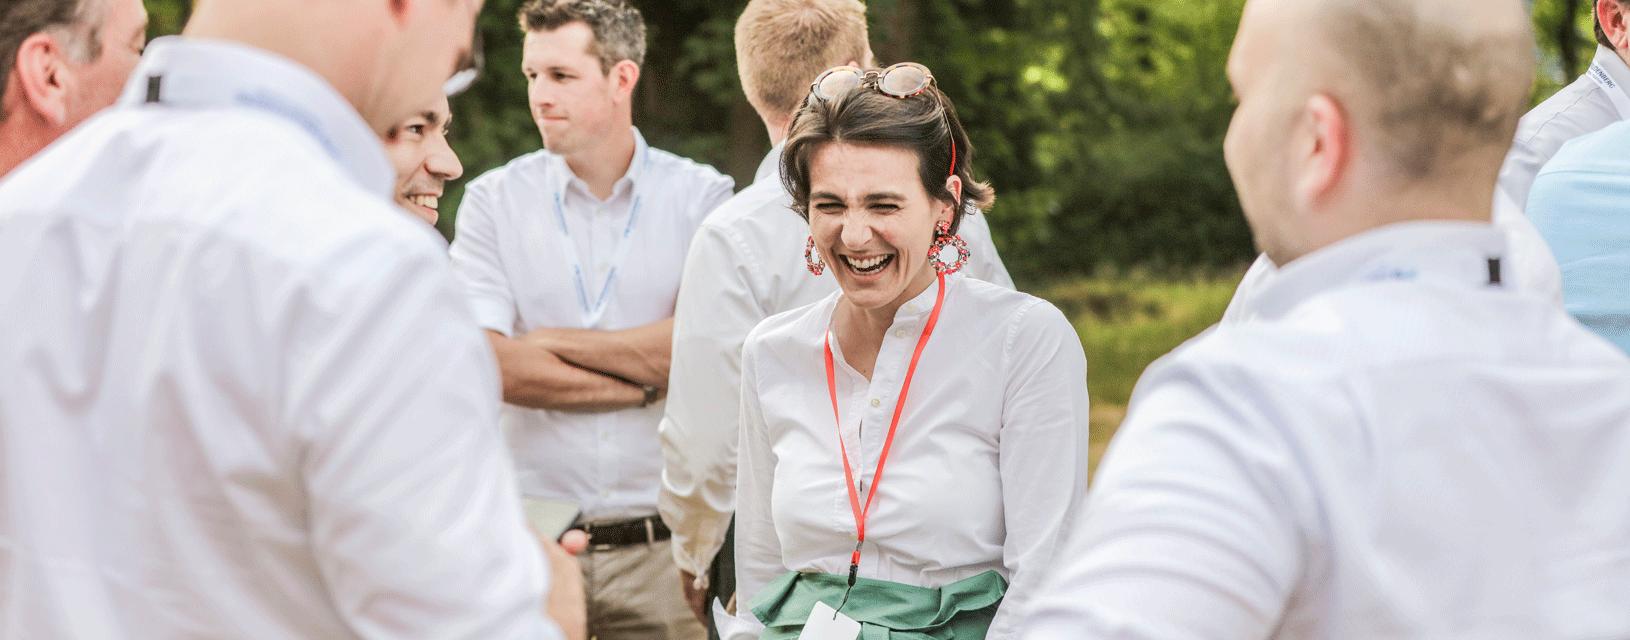 event-agentur-freiburg-event-begeisterung